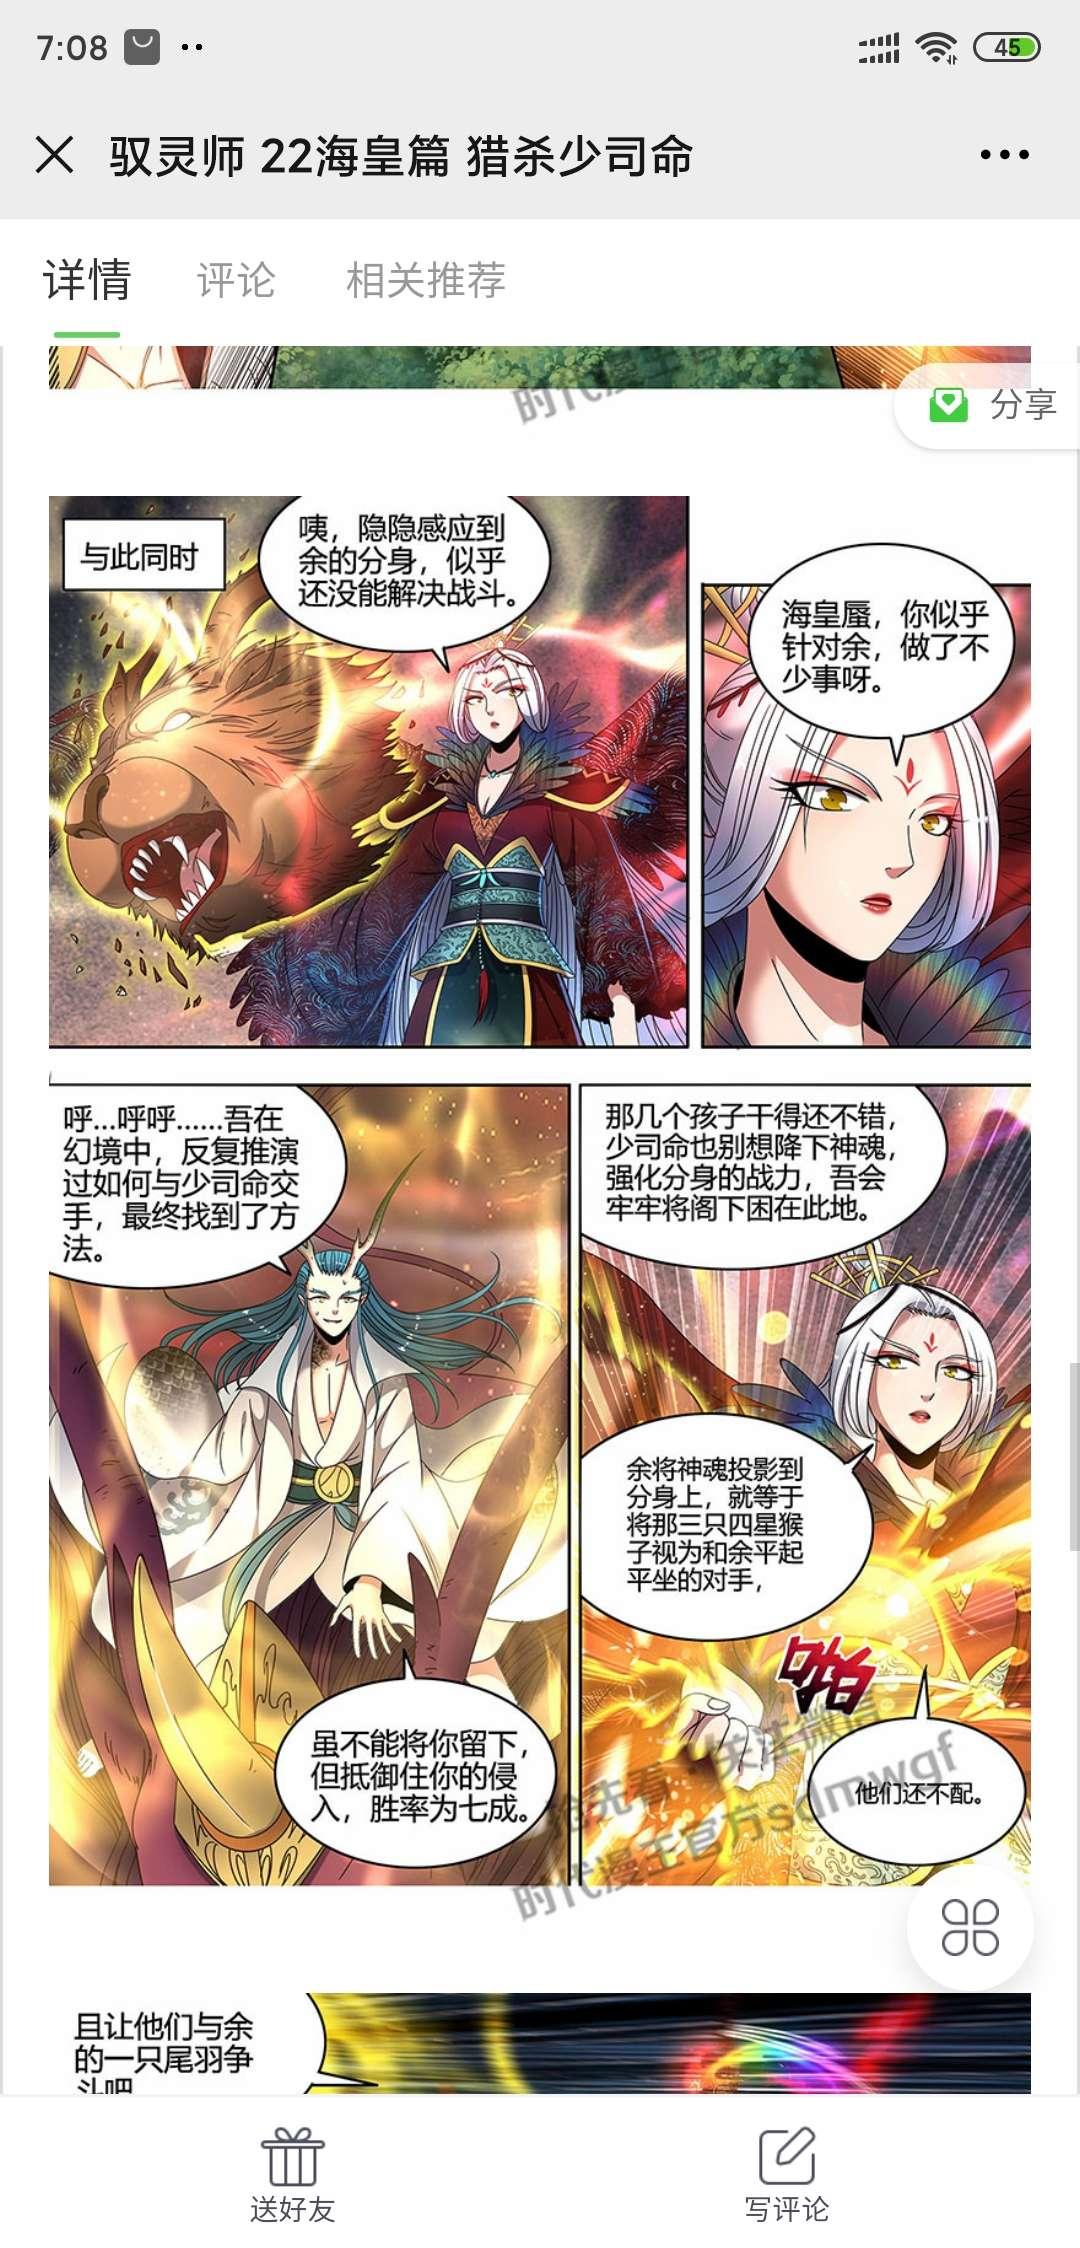 【漫画更新】驭灵师  猎杀少司命